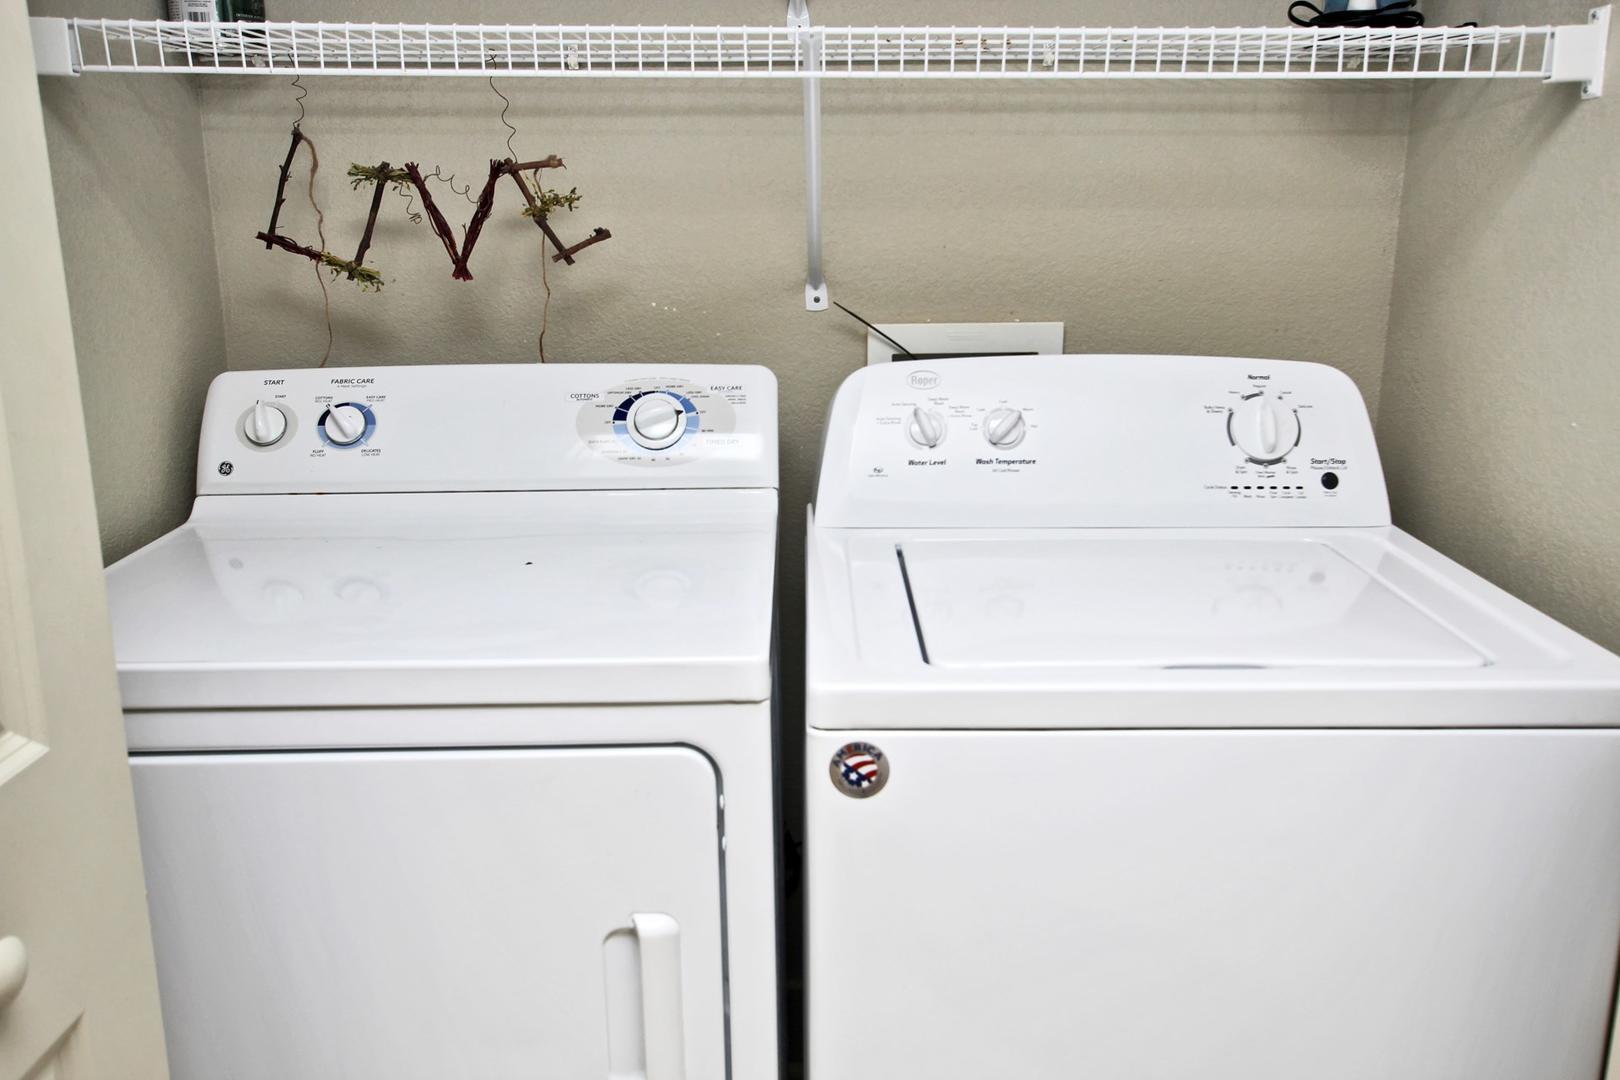 Full Sized Laundry